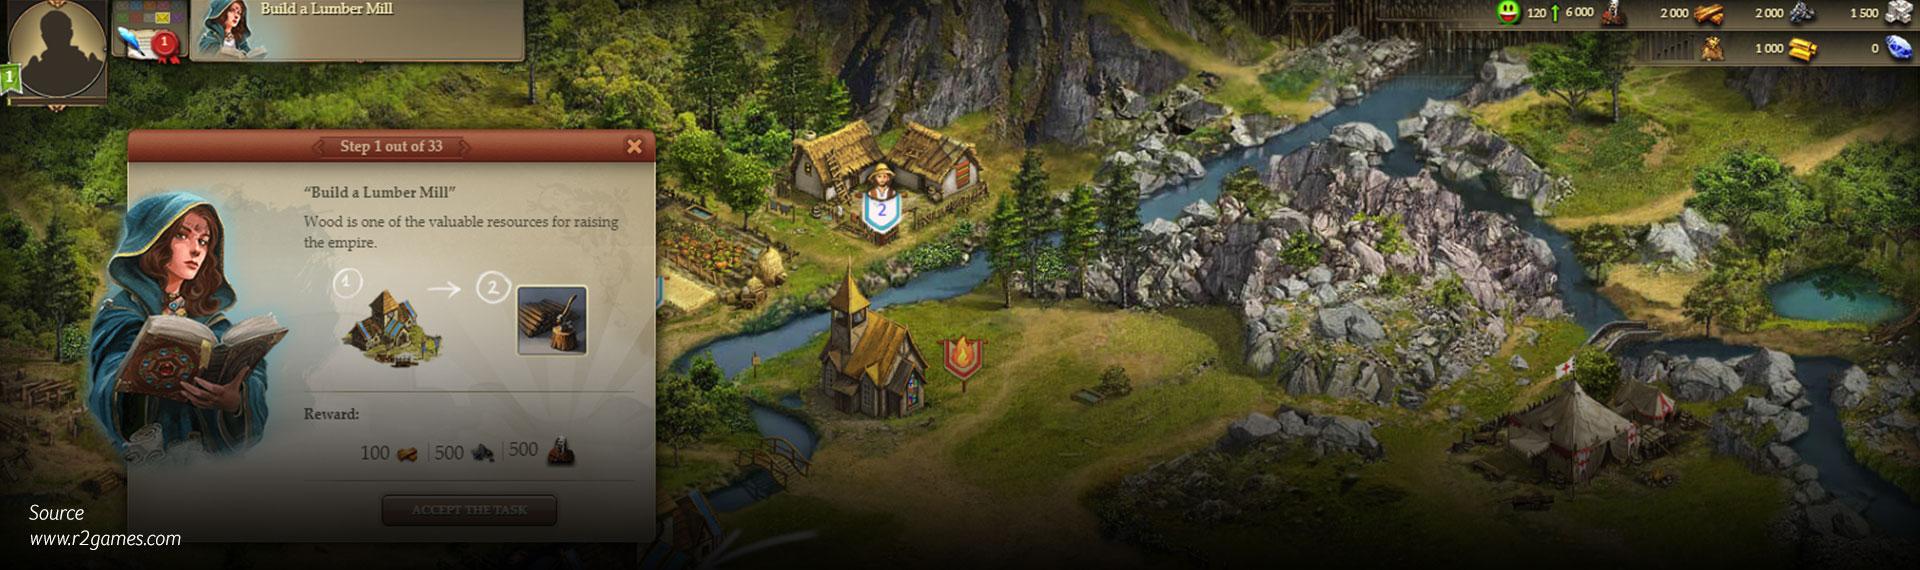 Tips Supaya Main Game Website Aman Tanpa Gangguan